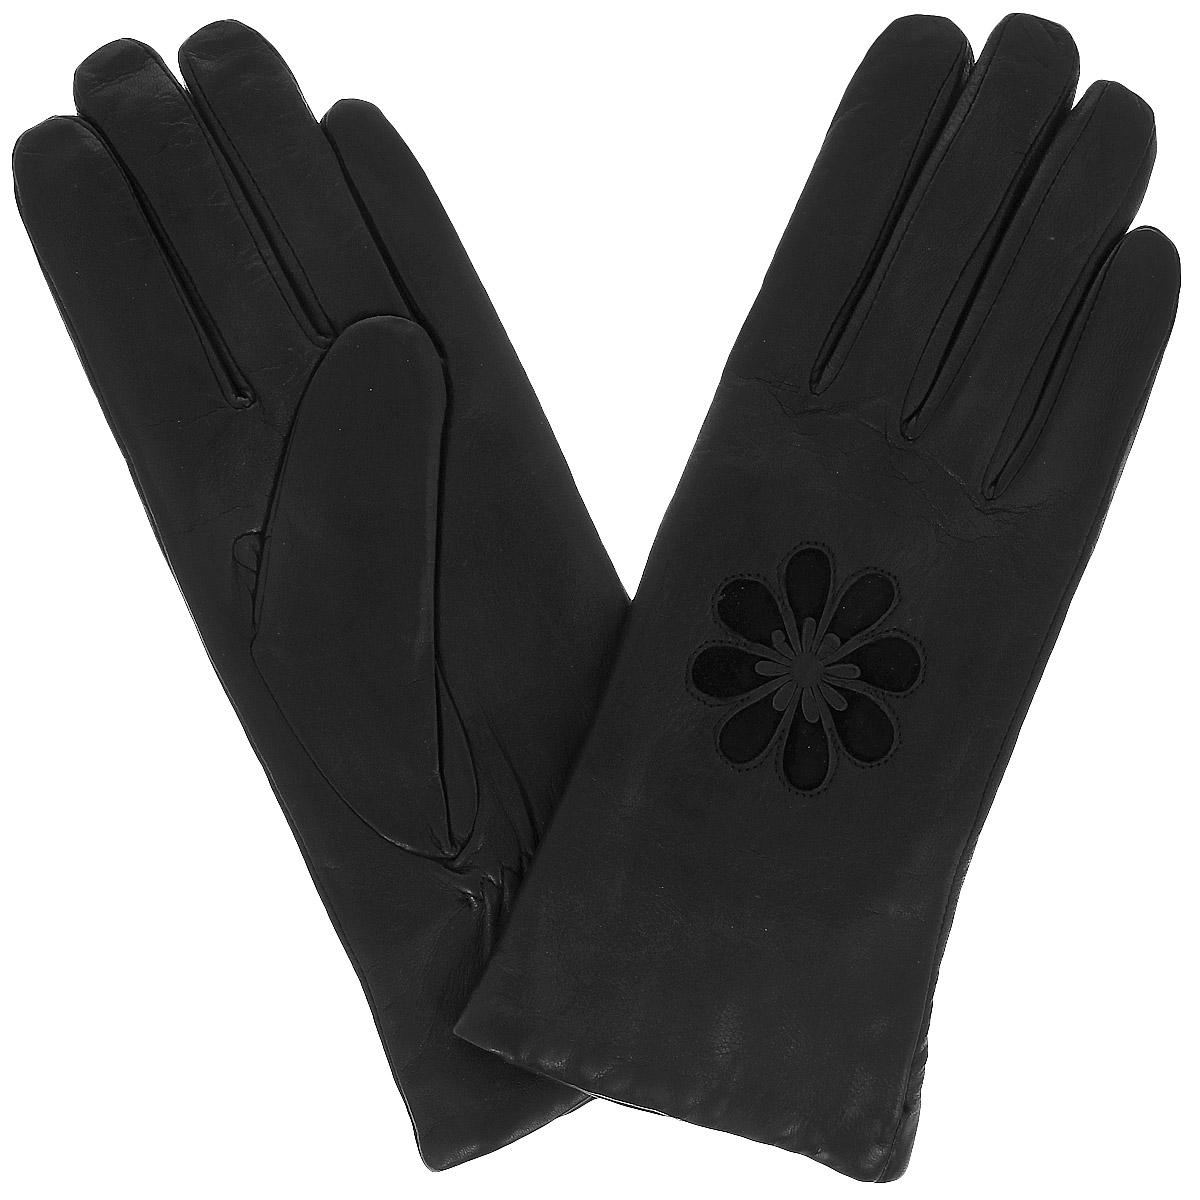 11_CELE/BLСтильные женские перчатки Dali Exclusive с подкладкой из 100% шерсти выполнены из мягкой и приятной на ощупь натуральной кожи ягненка. С внешней стороны перчатки декорированы аппликацией в виде цветка с замшевыми вставками. На внутренней стороне перчатки под большим пальцем предусмотрена сборка на резинку и небольшой разрез. Такие перчатки подчеркнут ваш стиль и неповторимость и придадут всему образу нотки женственности и элегантности.